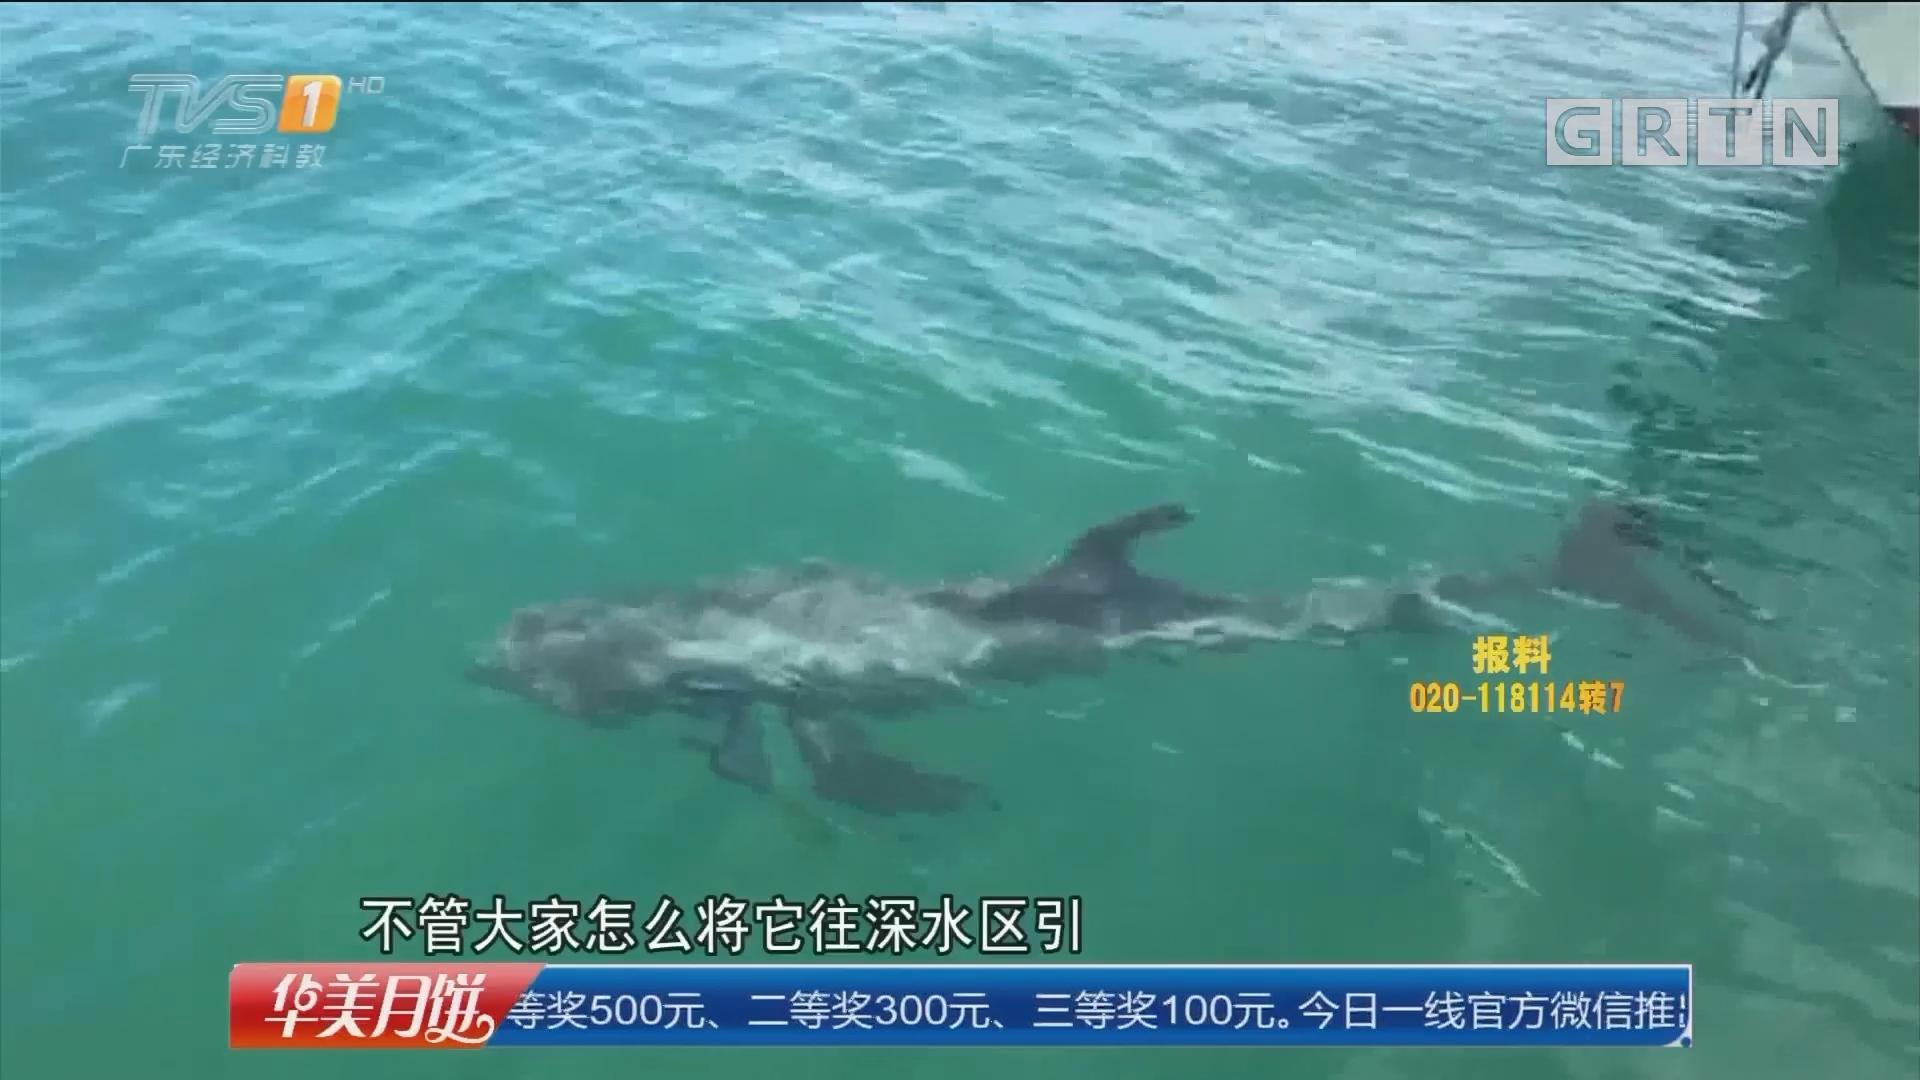 惠州:受伤灰海豚追踪 众人合力抬海豚上岸 送往保护区